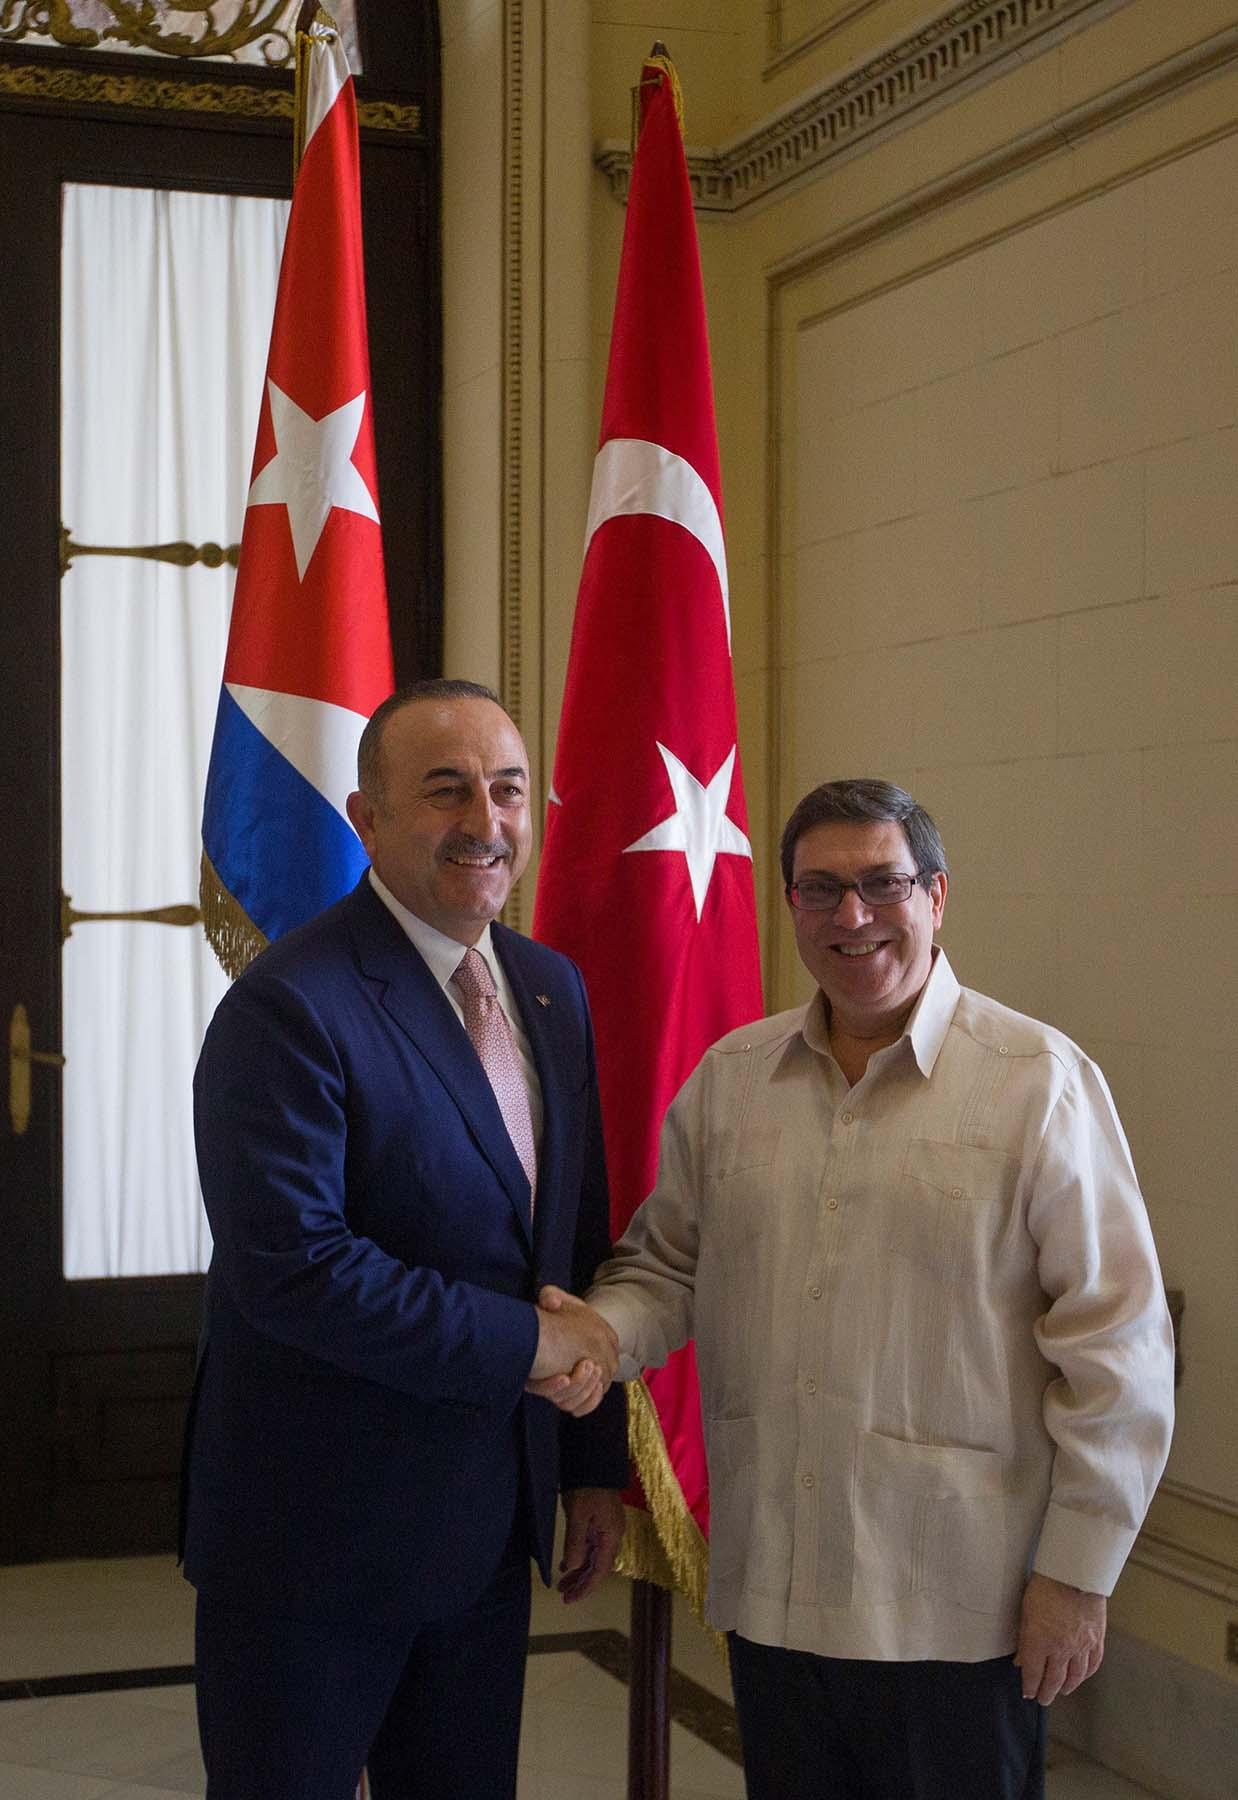 El ministro de Exteriores de Cuba, Bruno Rodríguez (d), recibe a su homólogo de Turquía, Mevlüt Çavusoglu (i), quien le propuso un encuentro oficial en Ankara entre los presidentes de ambos países. Foto: Yander Zamora / EFE.